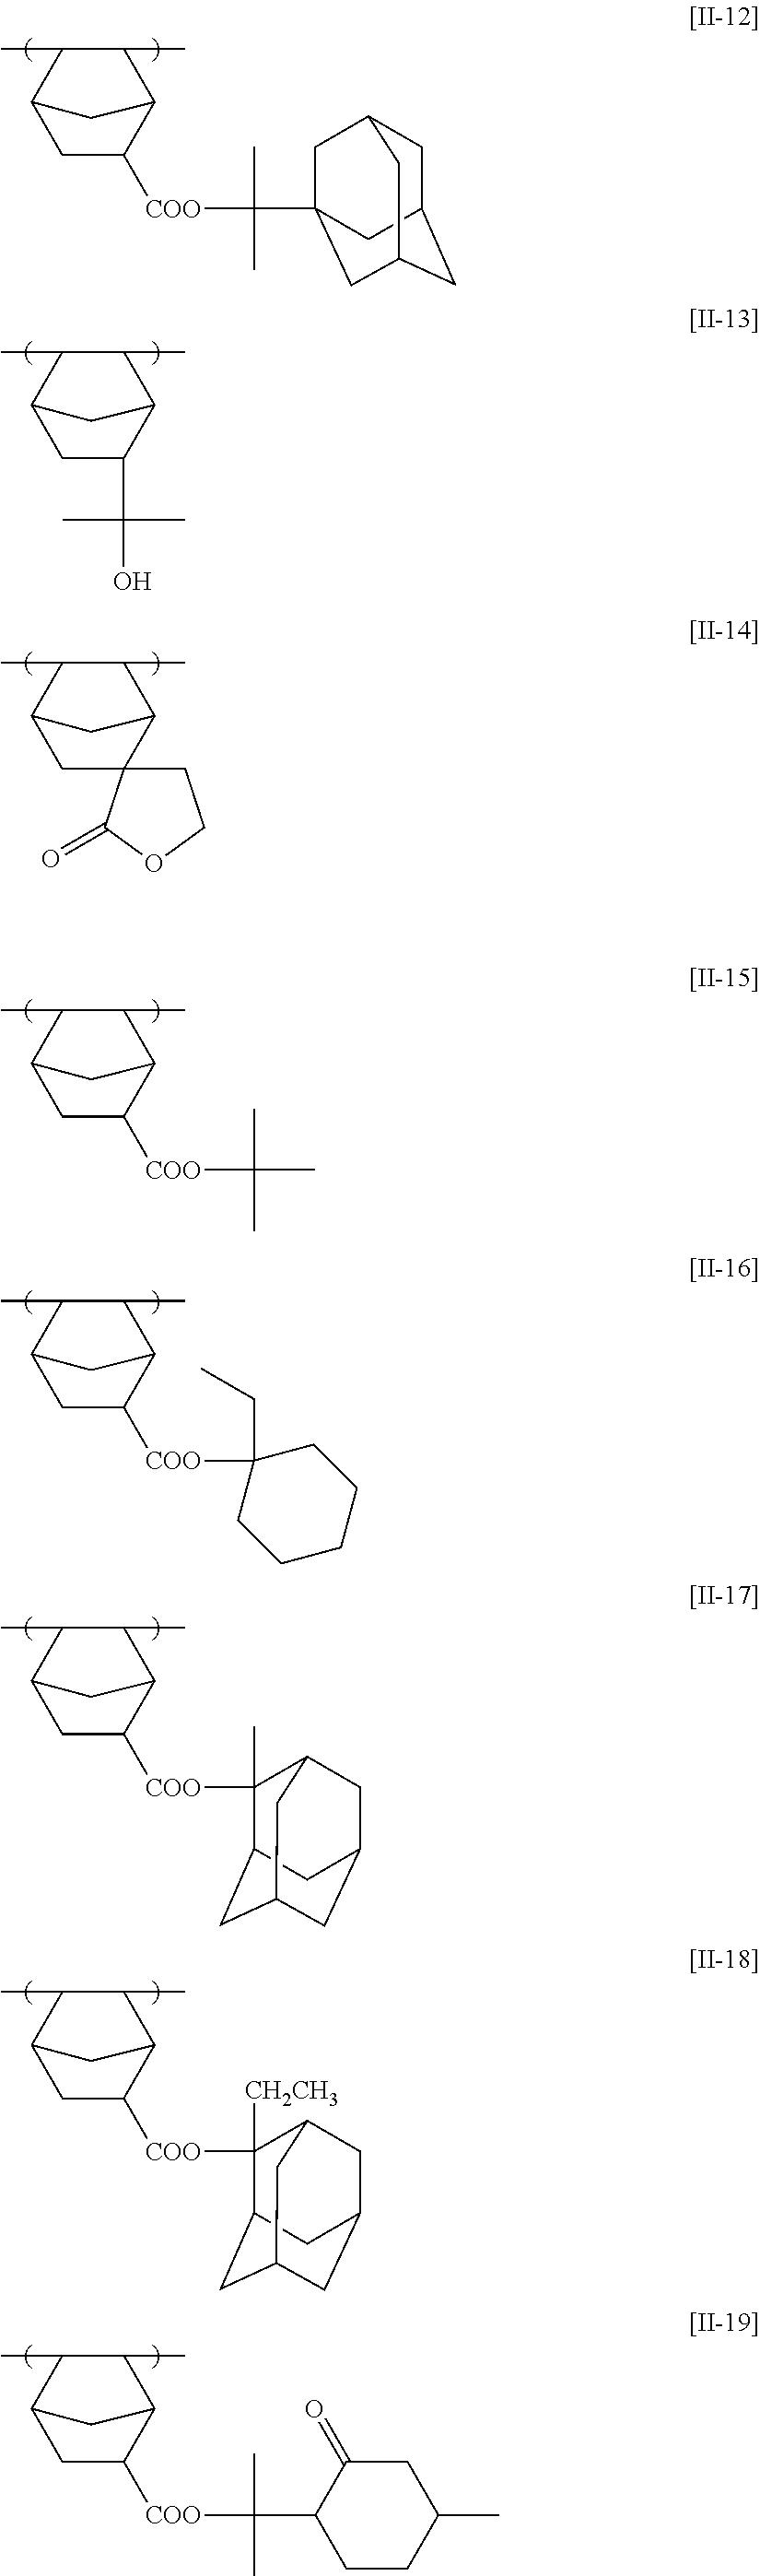 Figure US08530148-20130910-C00015